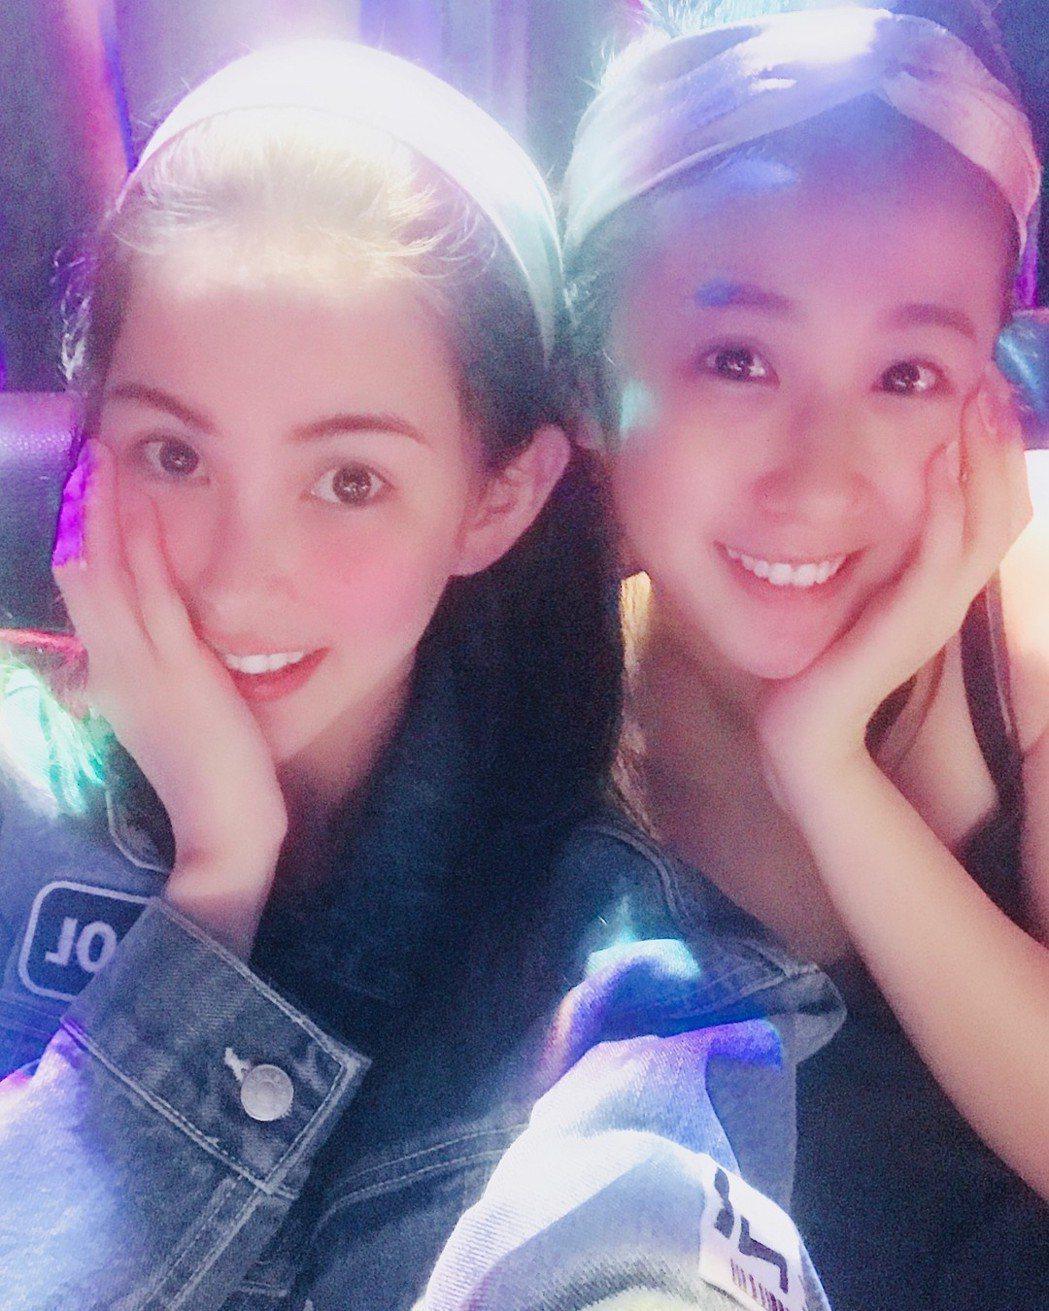 昆凌(左)歡慶25歲生日,很開心方志友陪在一旁。圖/摘自IG